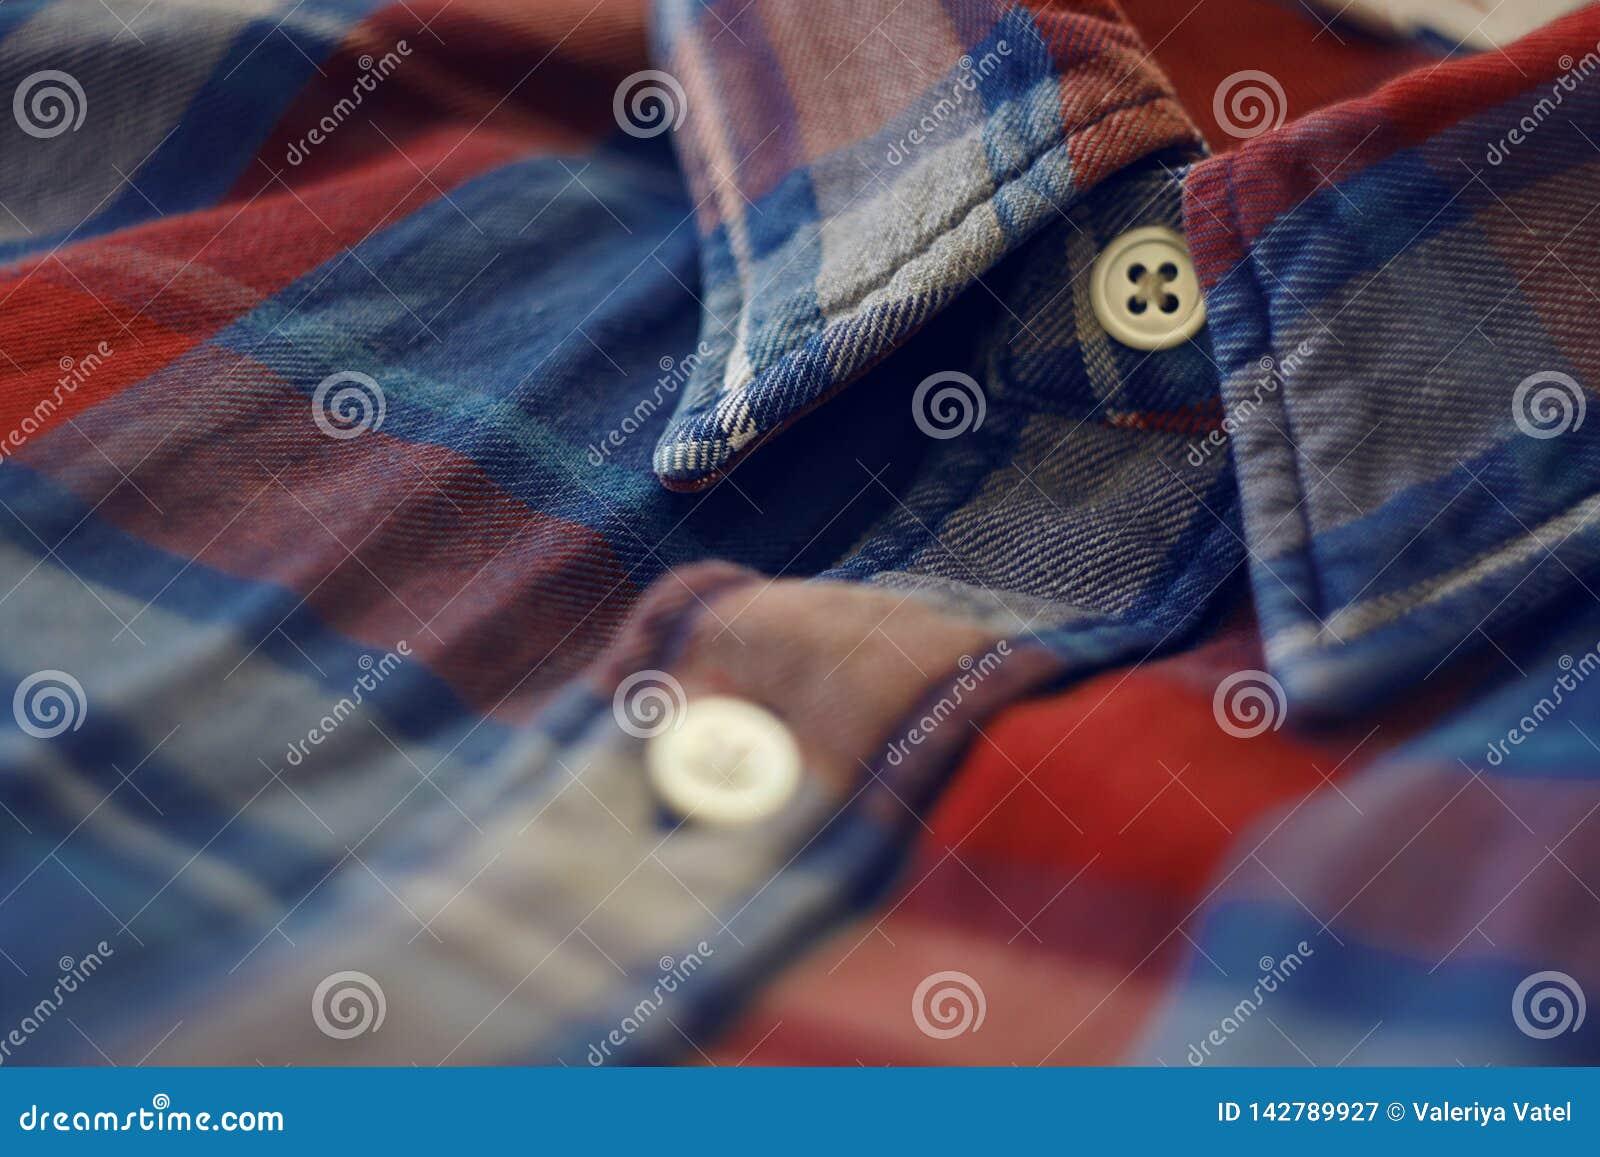 El cuello de la camisa a cuadros roja y azul, abotonado